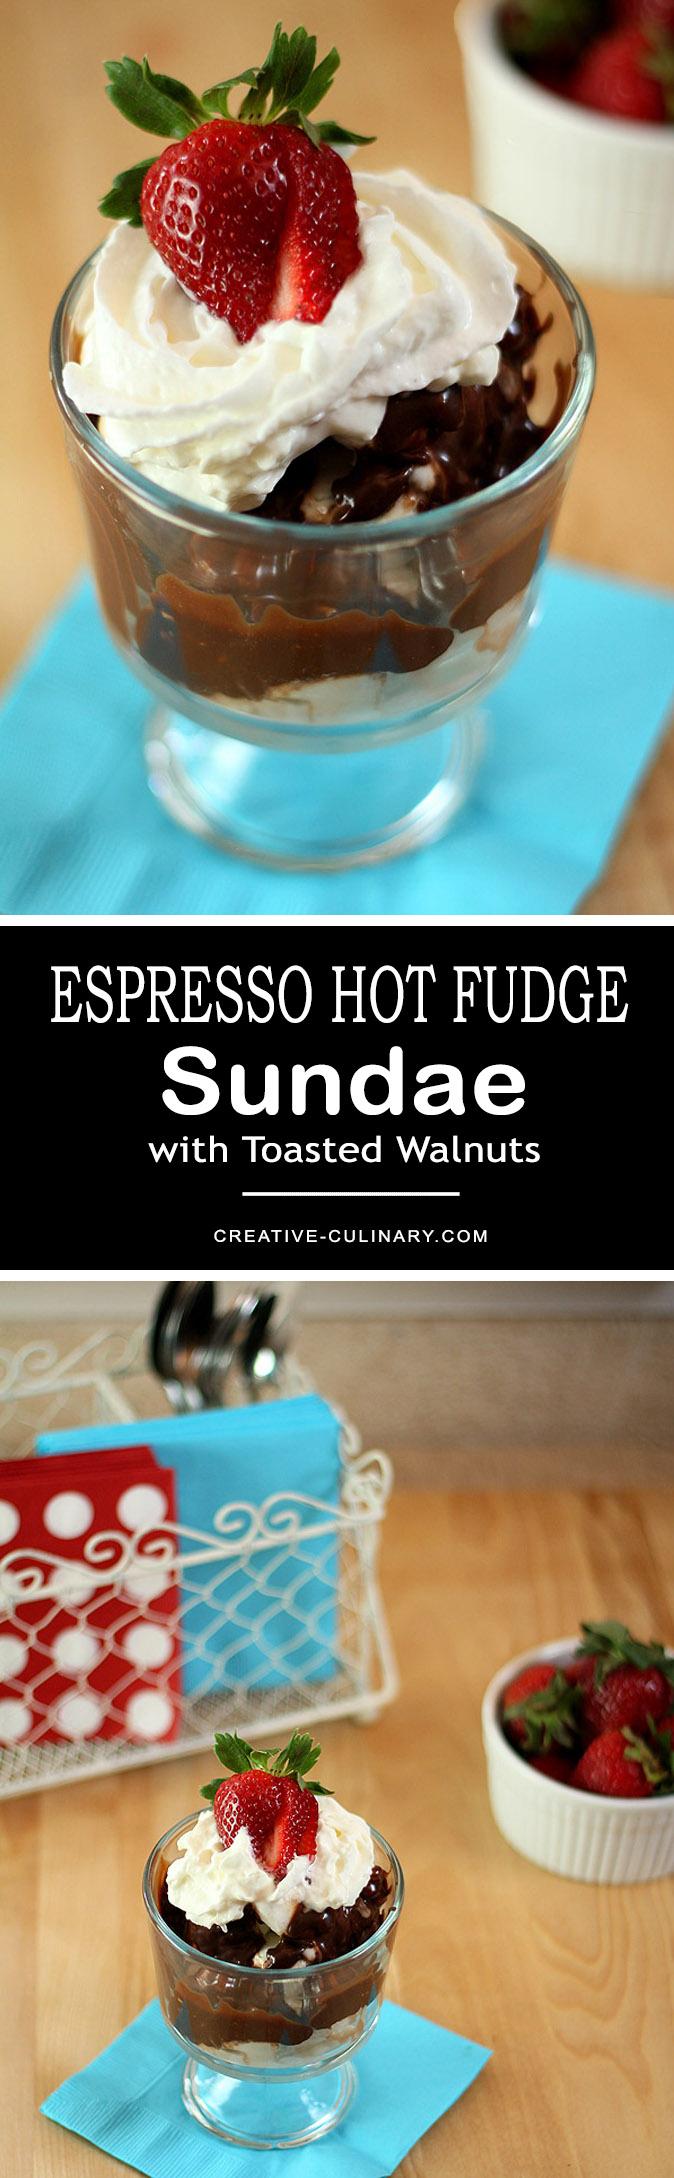 Espresso Hot Fudge Sundae